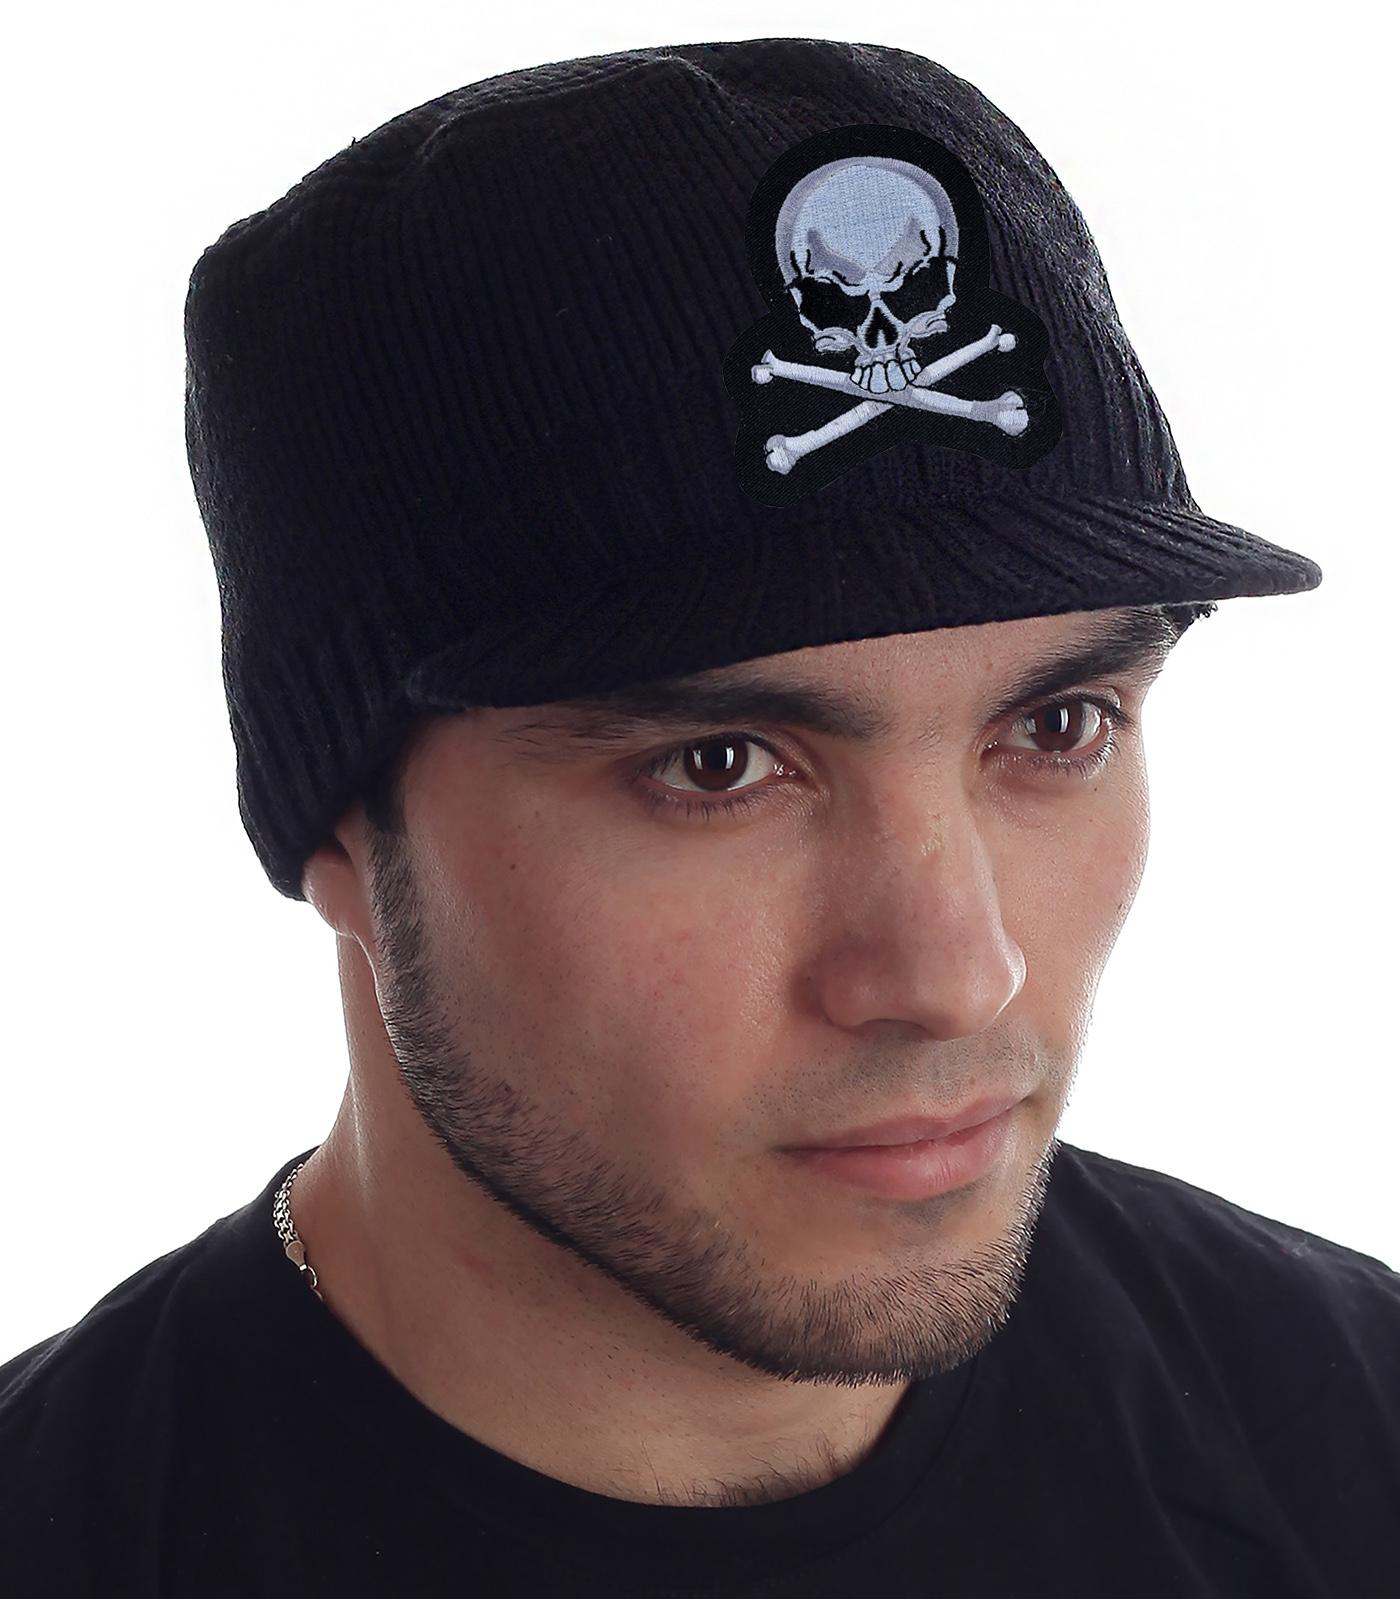 Молодежная шапка кепка для парней. Хватит мерзнуть осенью и студить уши зимой